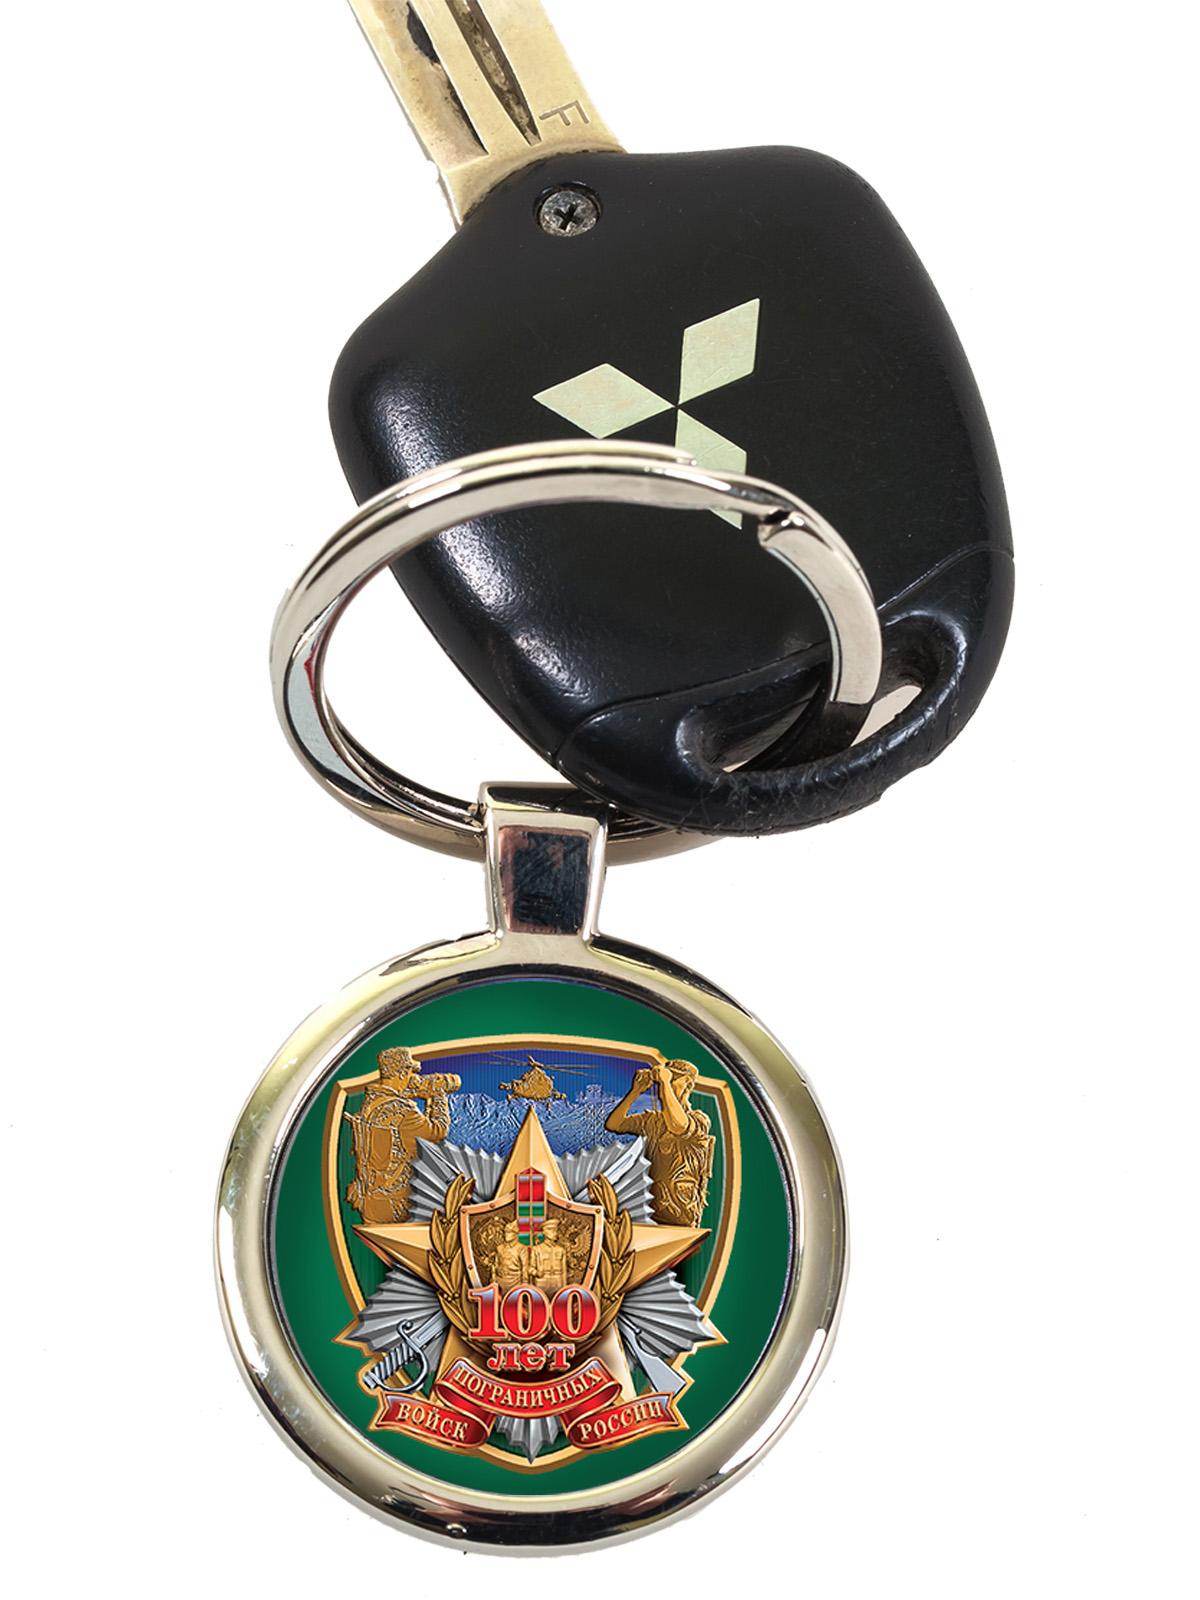 Брелок для ключей с символикой Погранвойск.